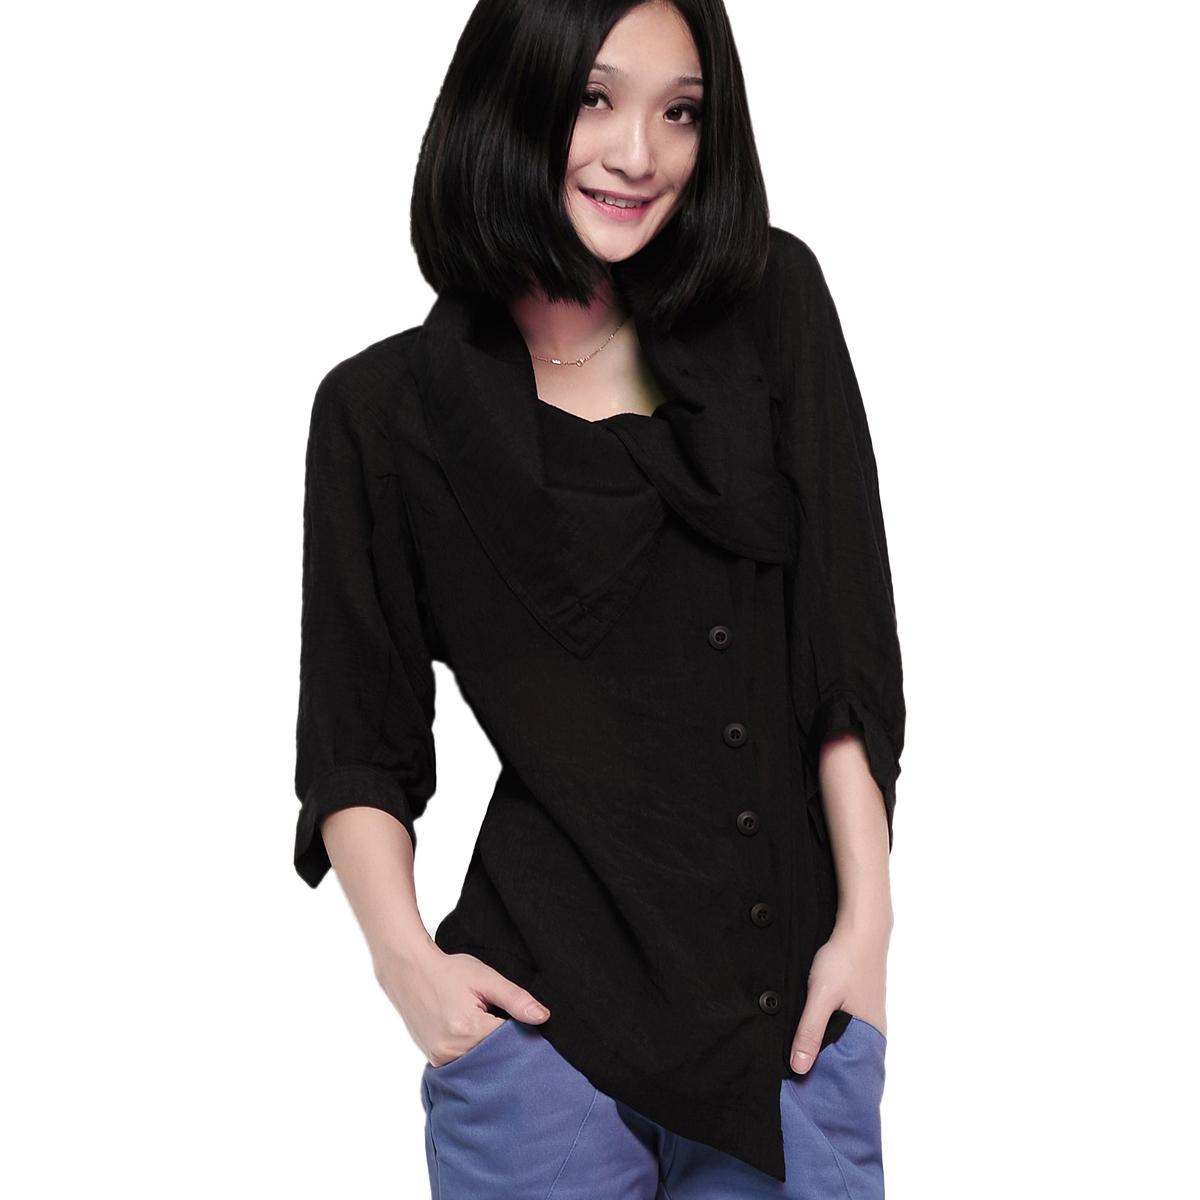 женская рубашка Vicki Mina s2093 Повседневный Однотонный цвет